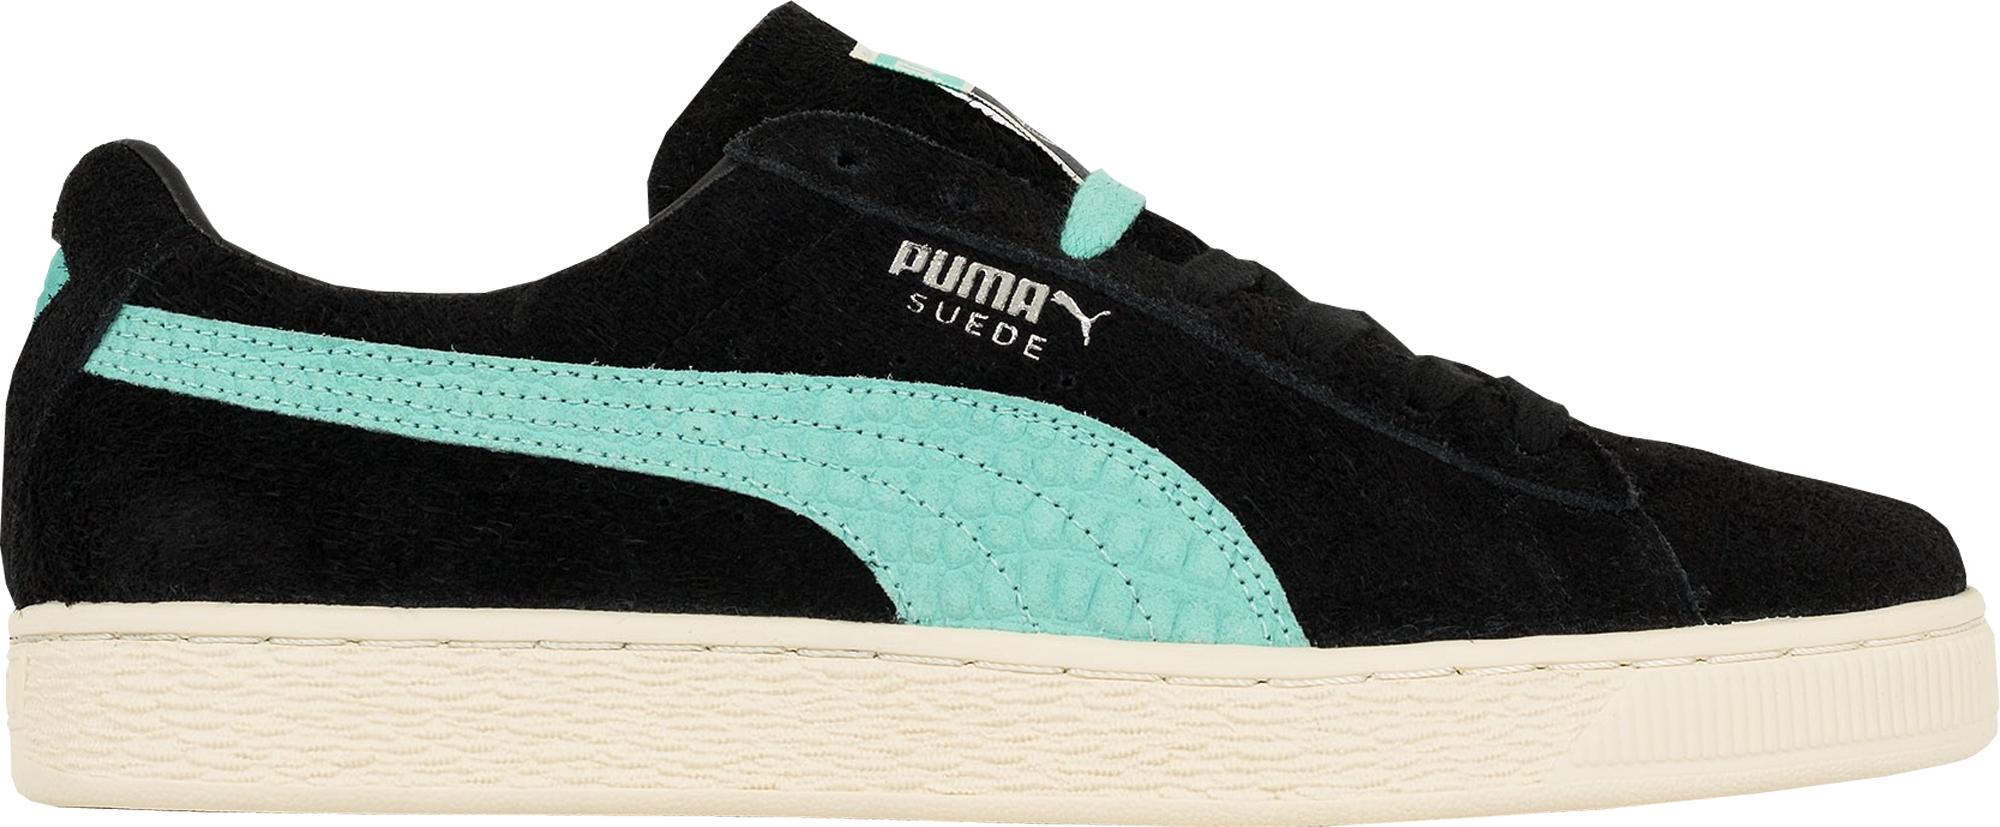 puma suede shoes images